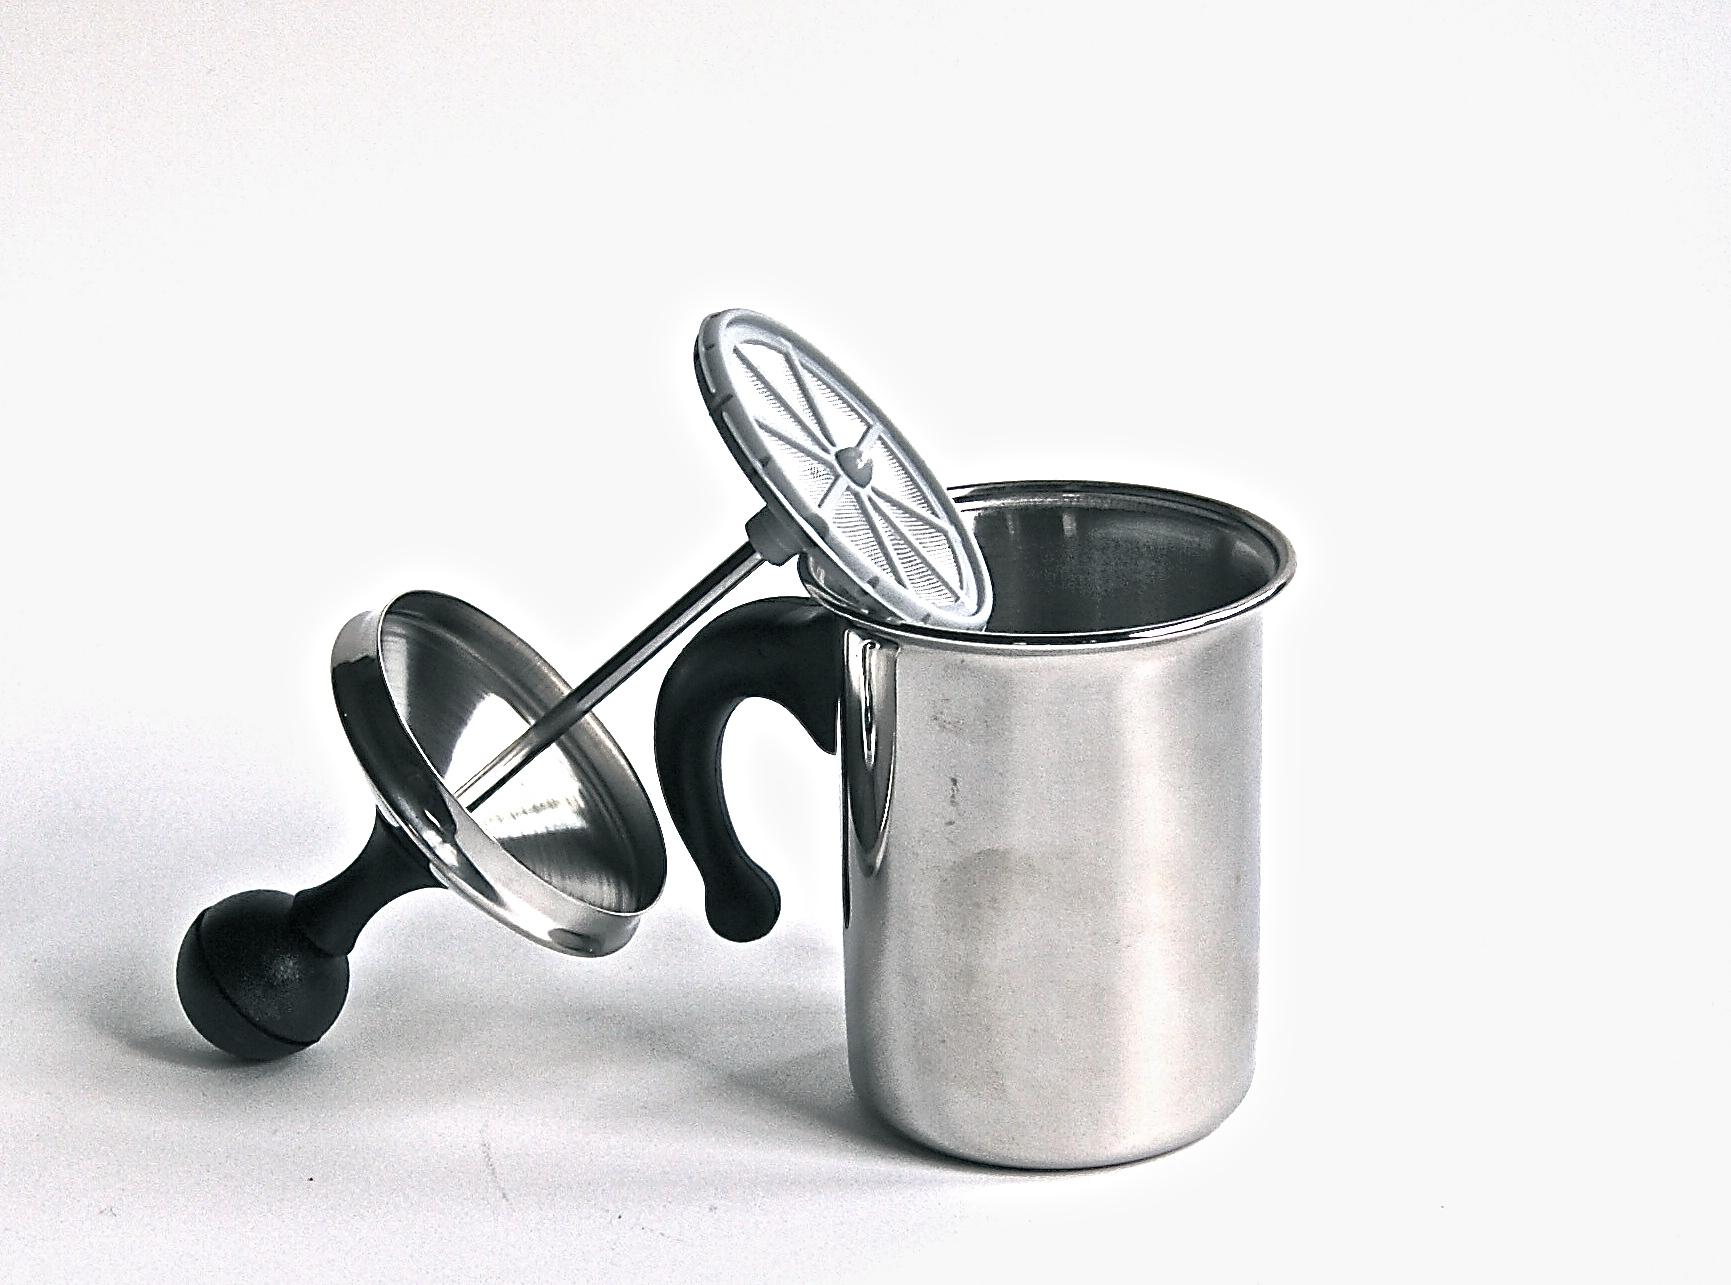 カプチーノクリーマー 3人用:ステンレス製 [Made in Italy]       残念ですがこの商品は製造中止になりました。